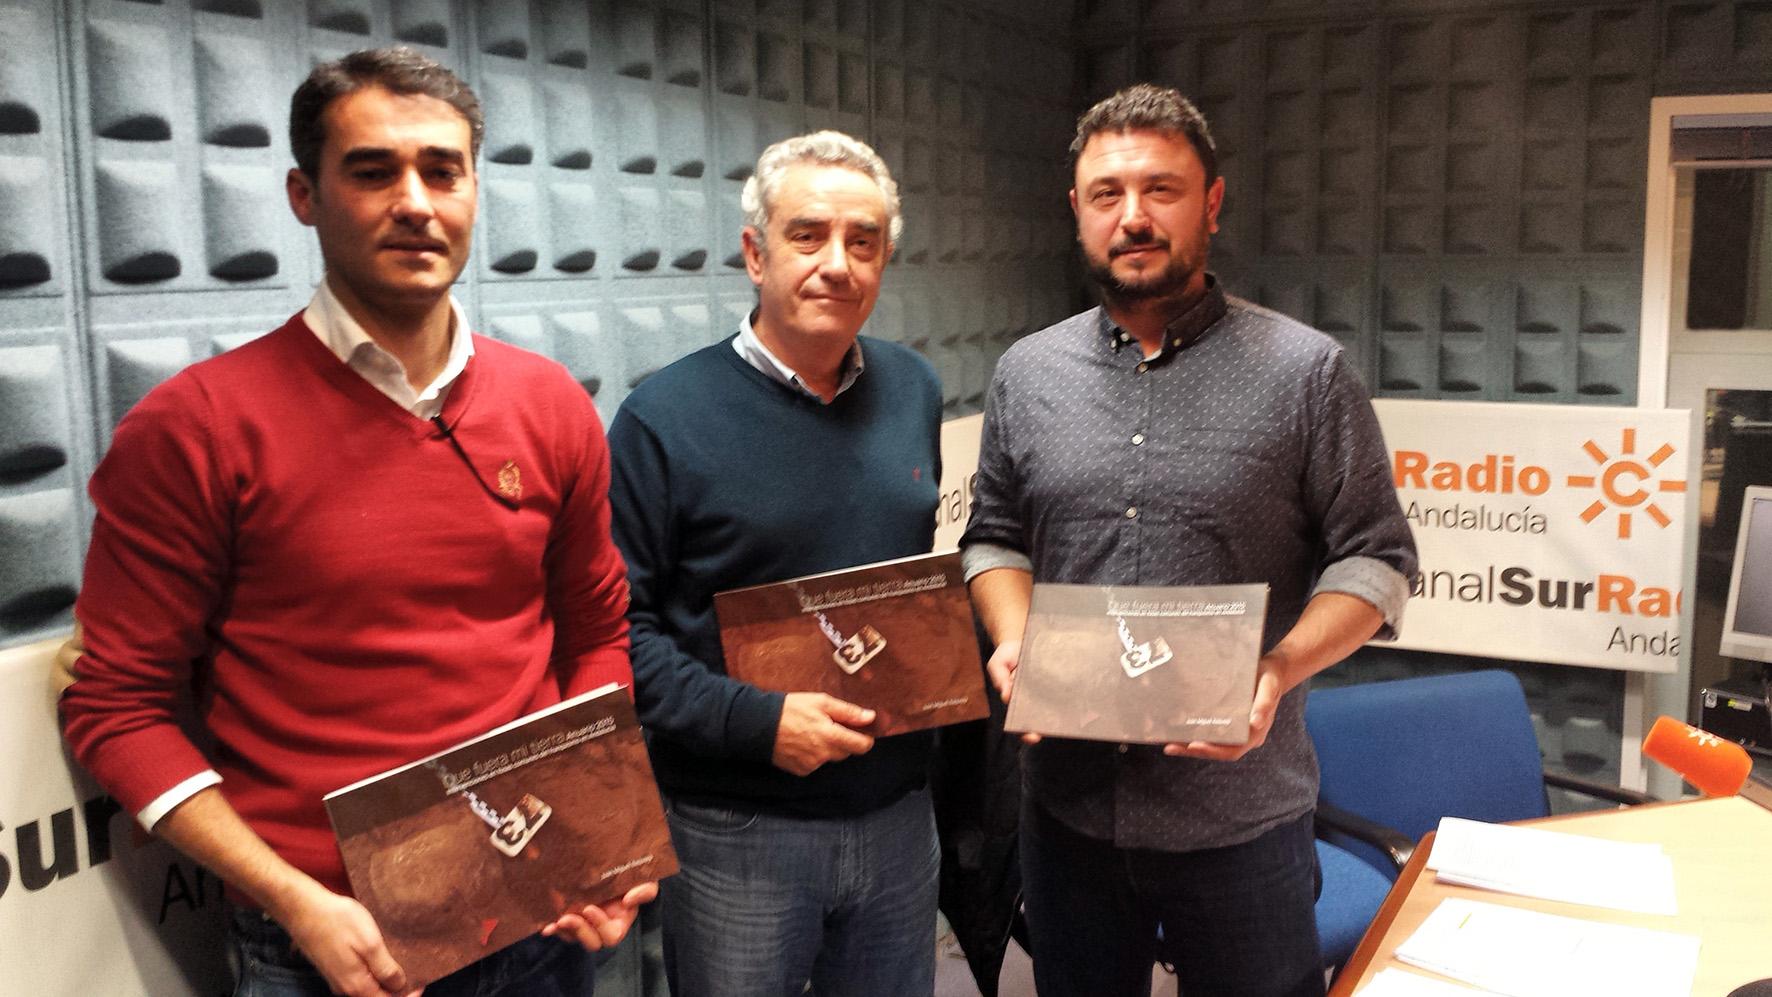 Giráldez, Guerrero y Baquero, con el anuario de las fosas de 2015 en Canal Sur Radio.